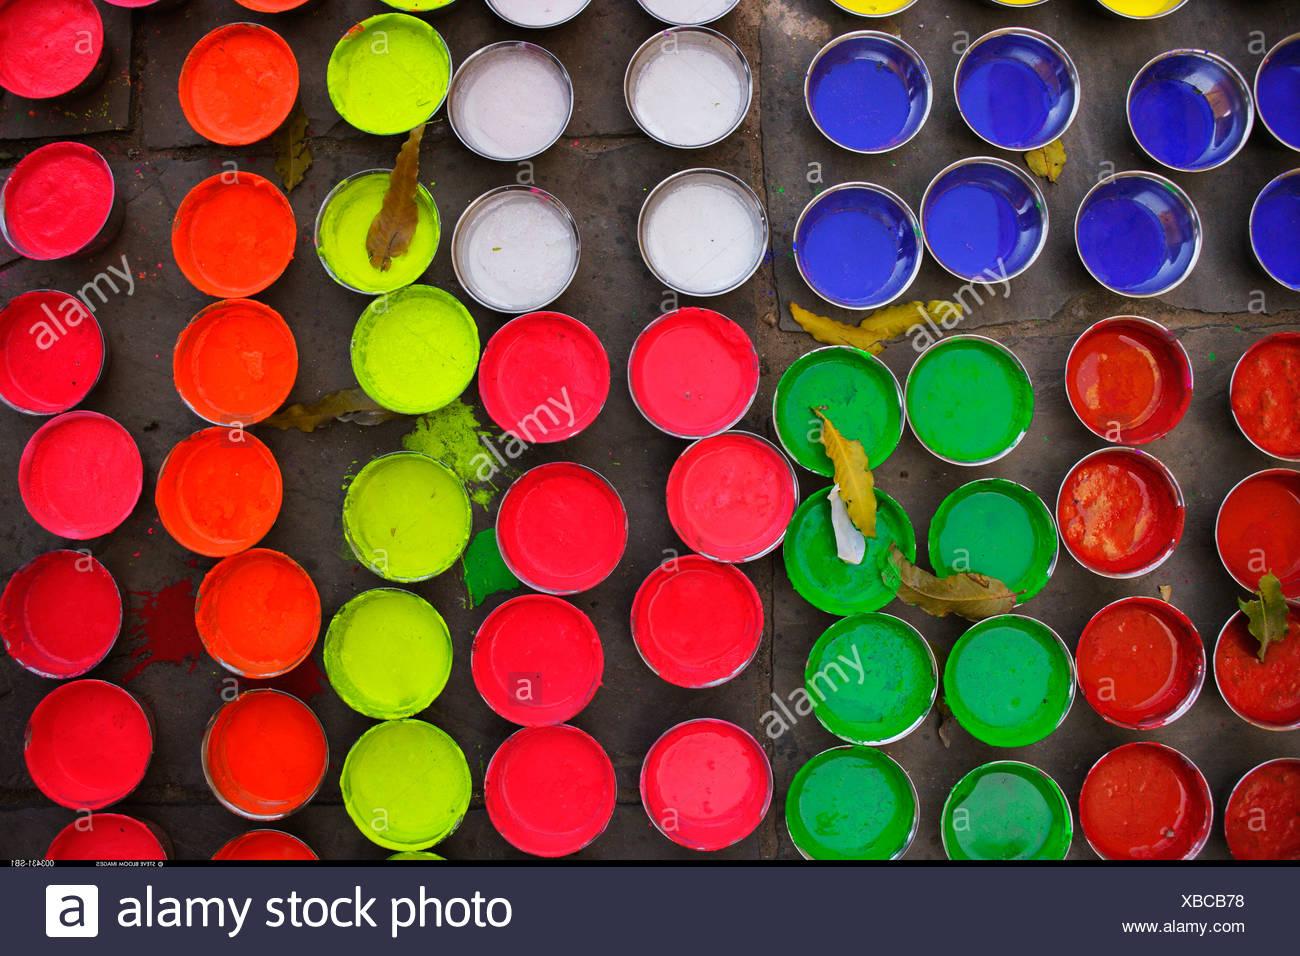 Pots de peinture utilisée pour la décoration des éléphants pour le Festival de l'éléphant d'Inde Jaipur Photo Stock